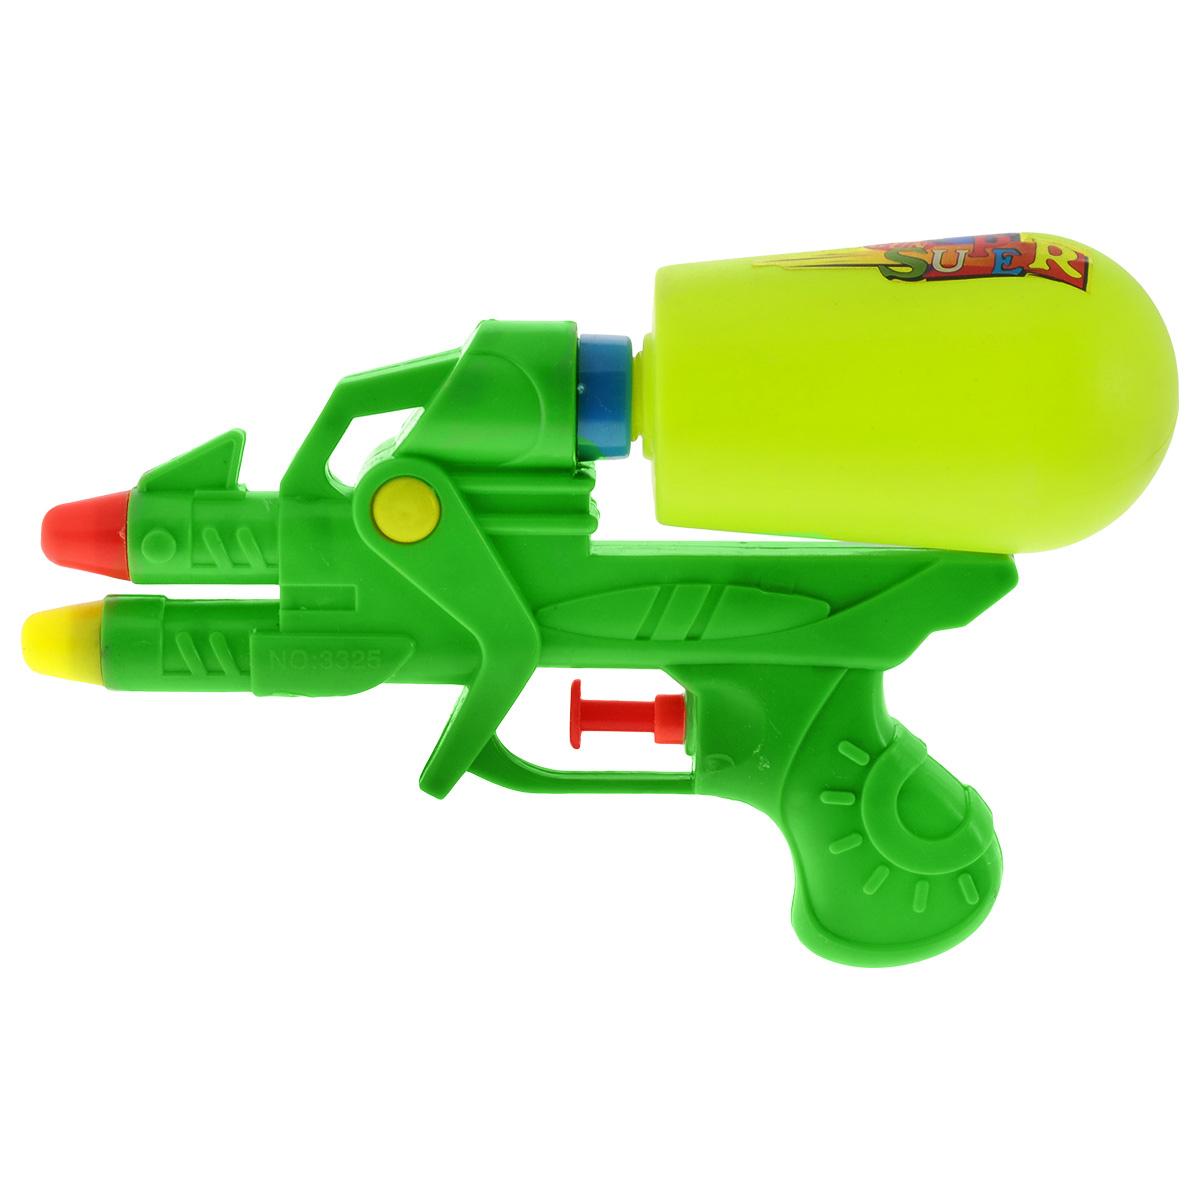 Водный пистолет Bebelot Морской бластер пистолет водный bebelot шпион 11 см